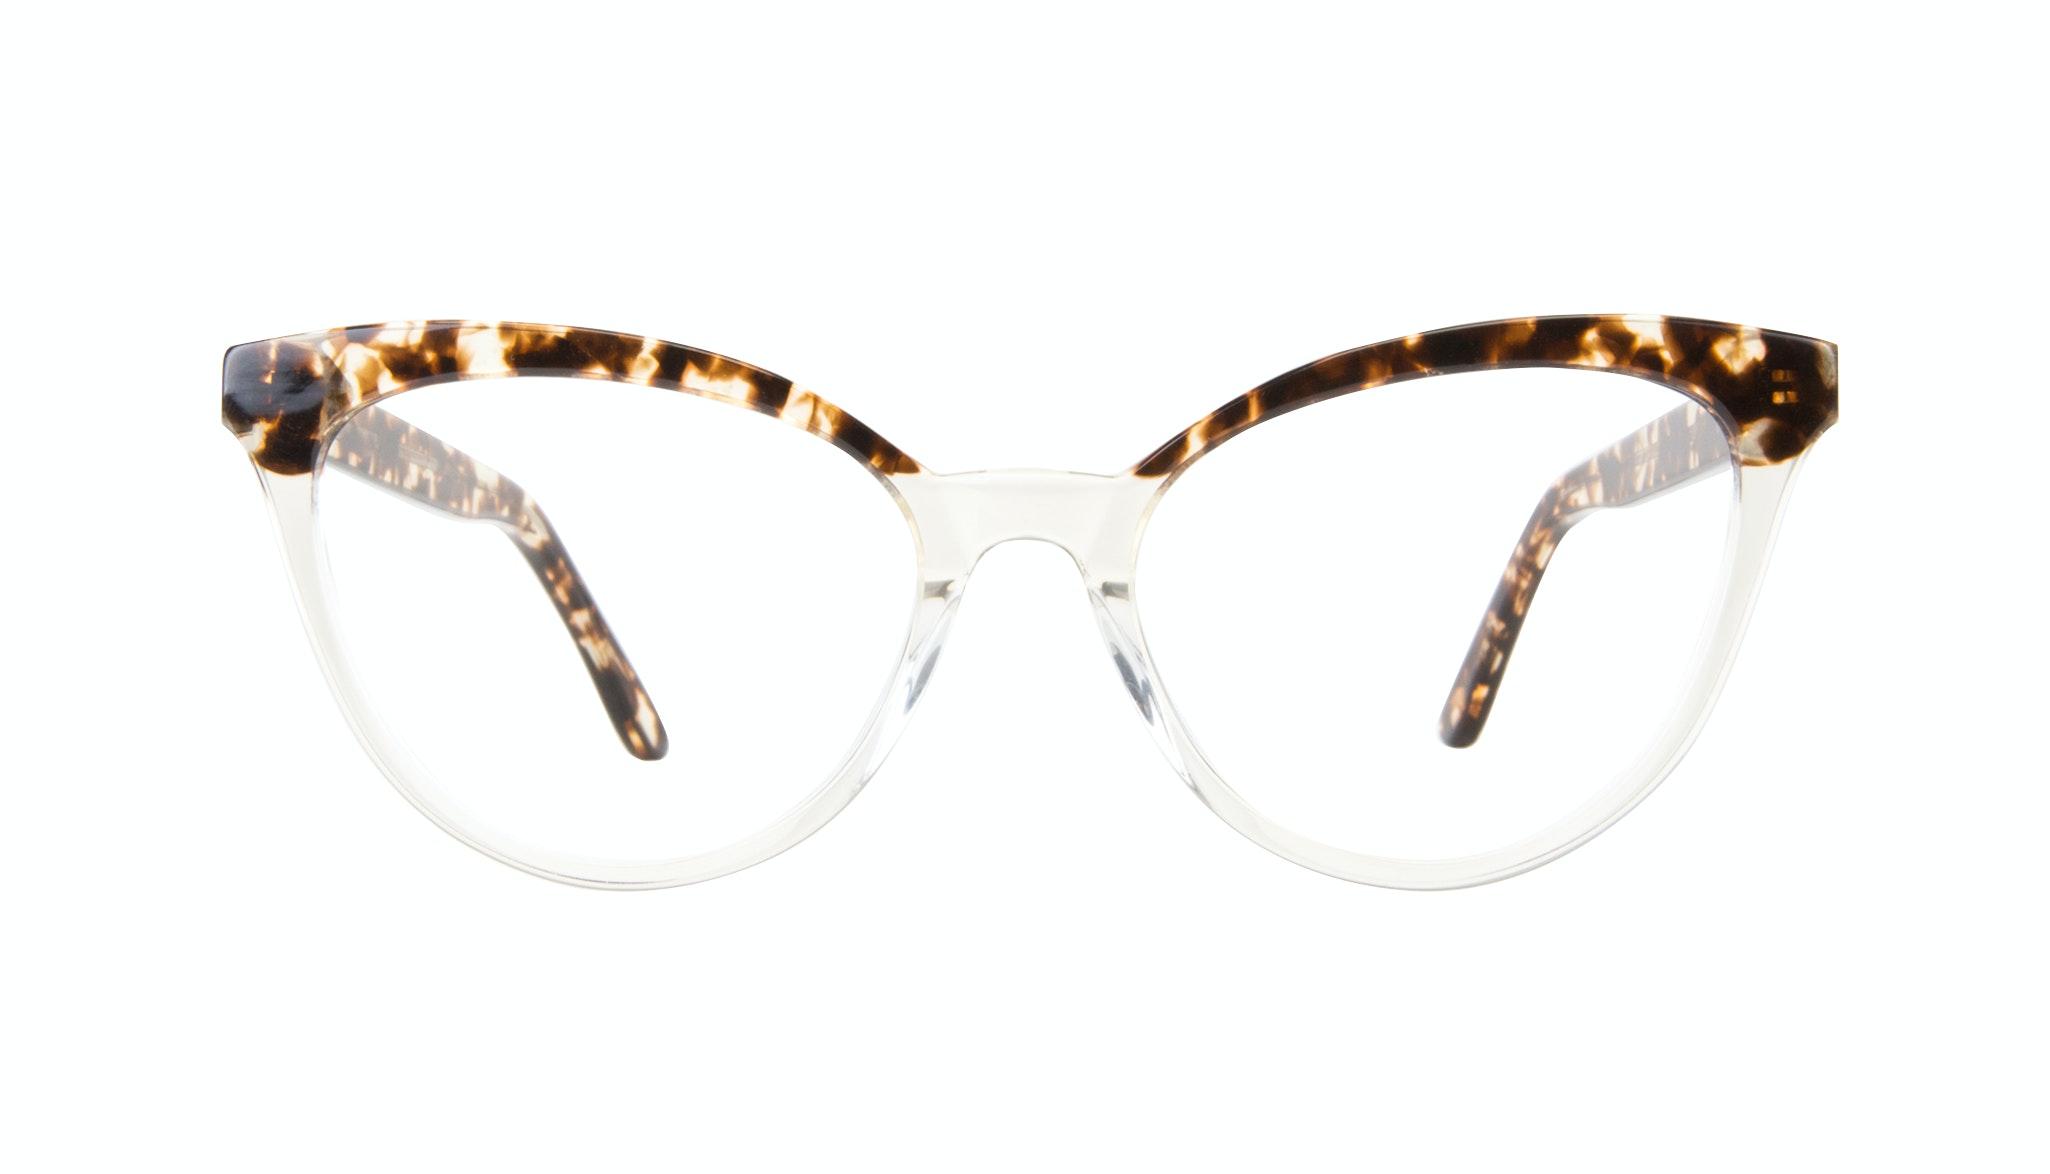 Affordable Fashion Glasses Cat Eye Eyeglasses Women Reverie Blond Tortoise